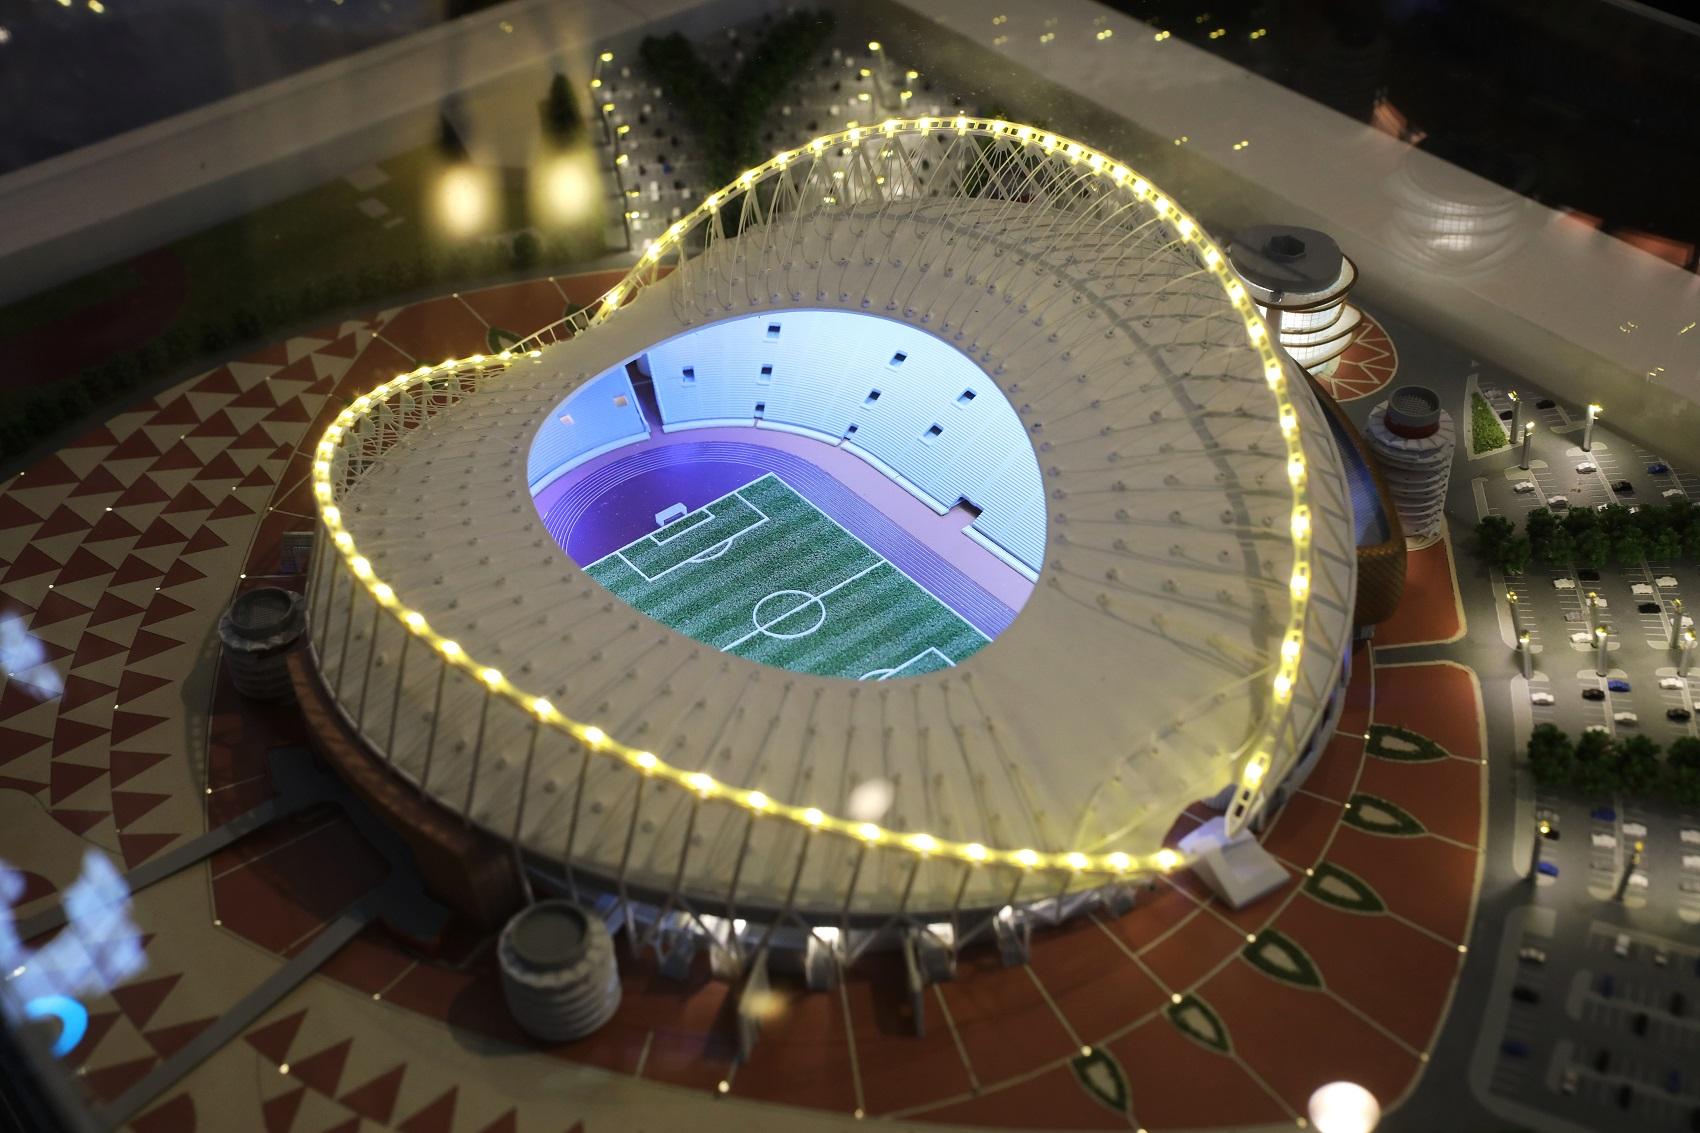 Em exibição em Moscou, maquete do Estádio Khalifa International, um dos que sediará jogos na Copa de 2022 (Foto de Iliya Pitalev / Sputnik/AFP)